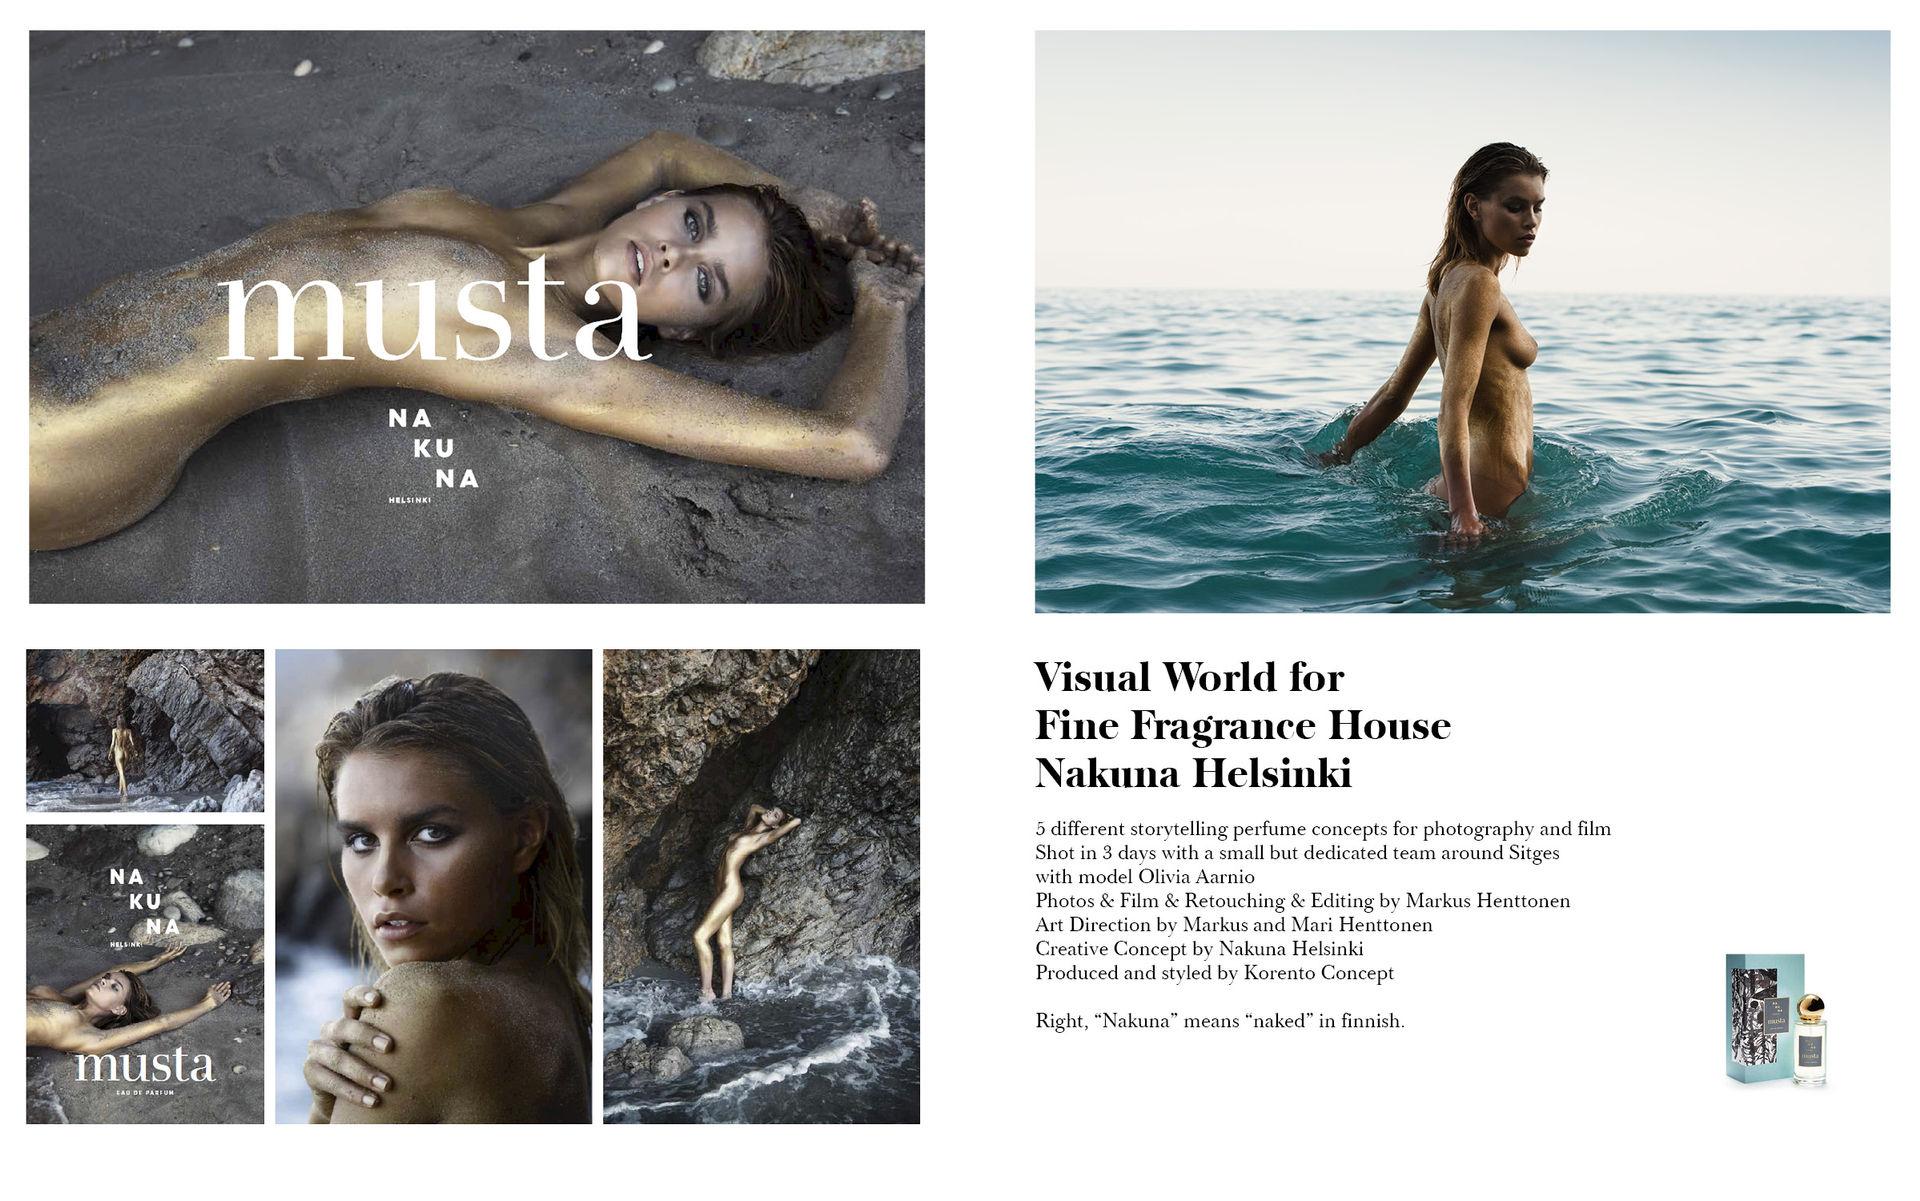 Markus-Henttonen-Olivia-Aarnio-Perfume-campaign